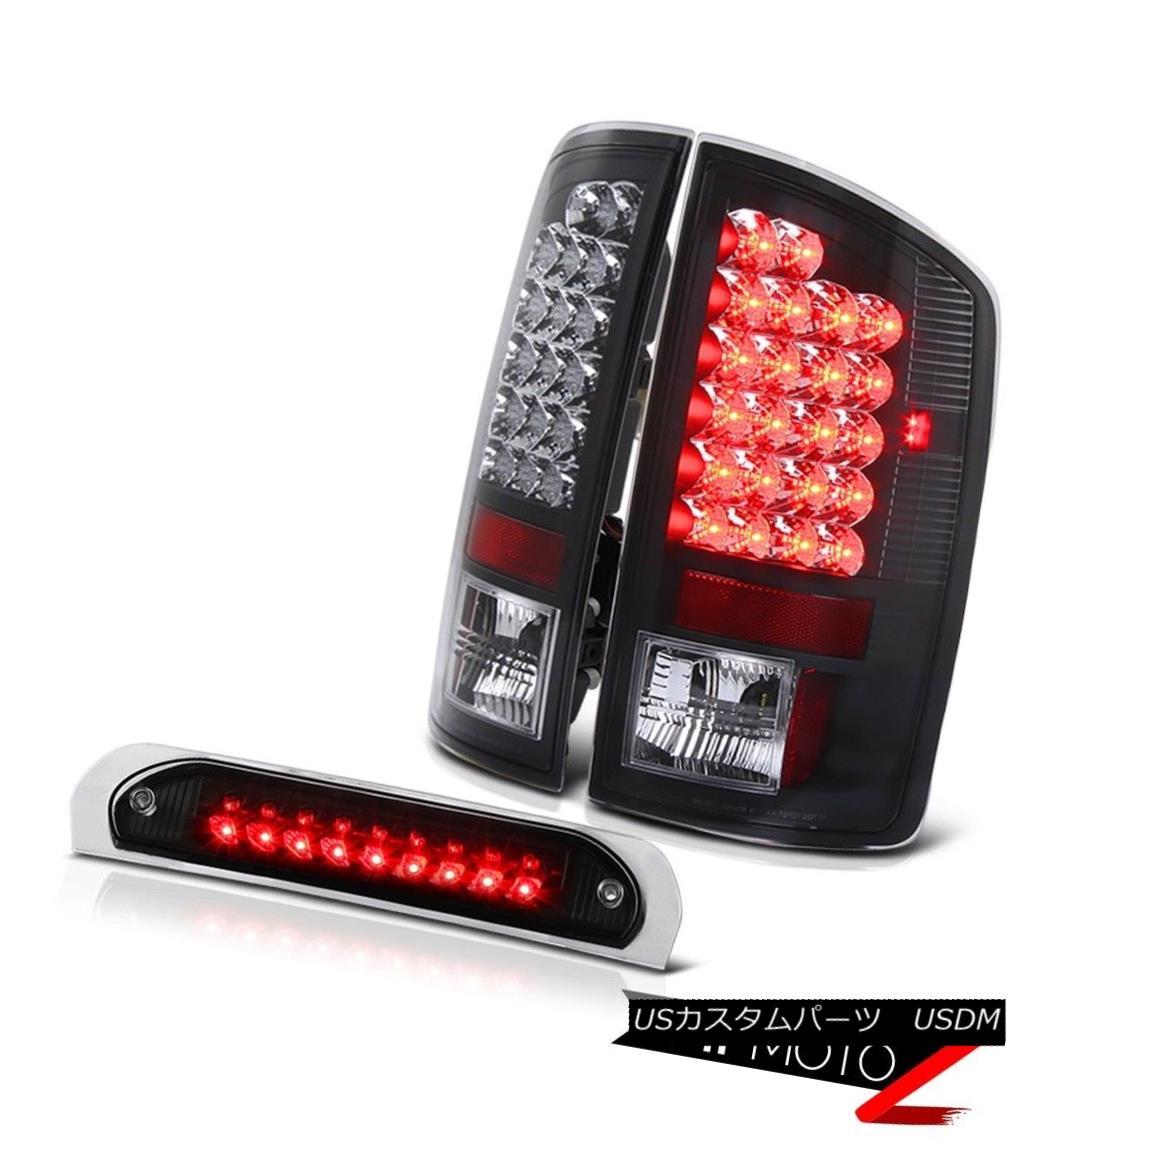 テールライト Black Brake Lamp Rear Tail Lights Assembly LED SMD 3rd Cargo 02 03 04 05 Ram V6 ブラックブレーキランプリアテールライトアセンブリSMD第3貨物02 03 04 05ラムV6